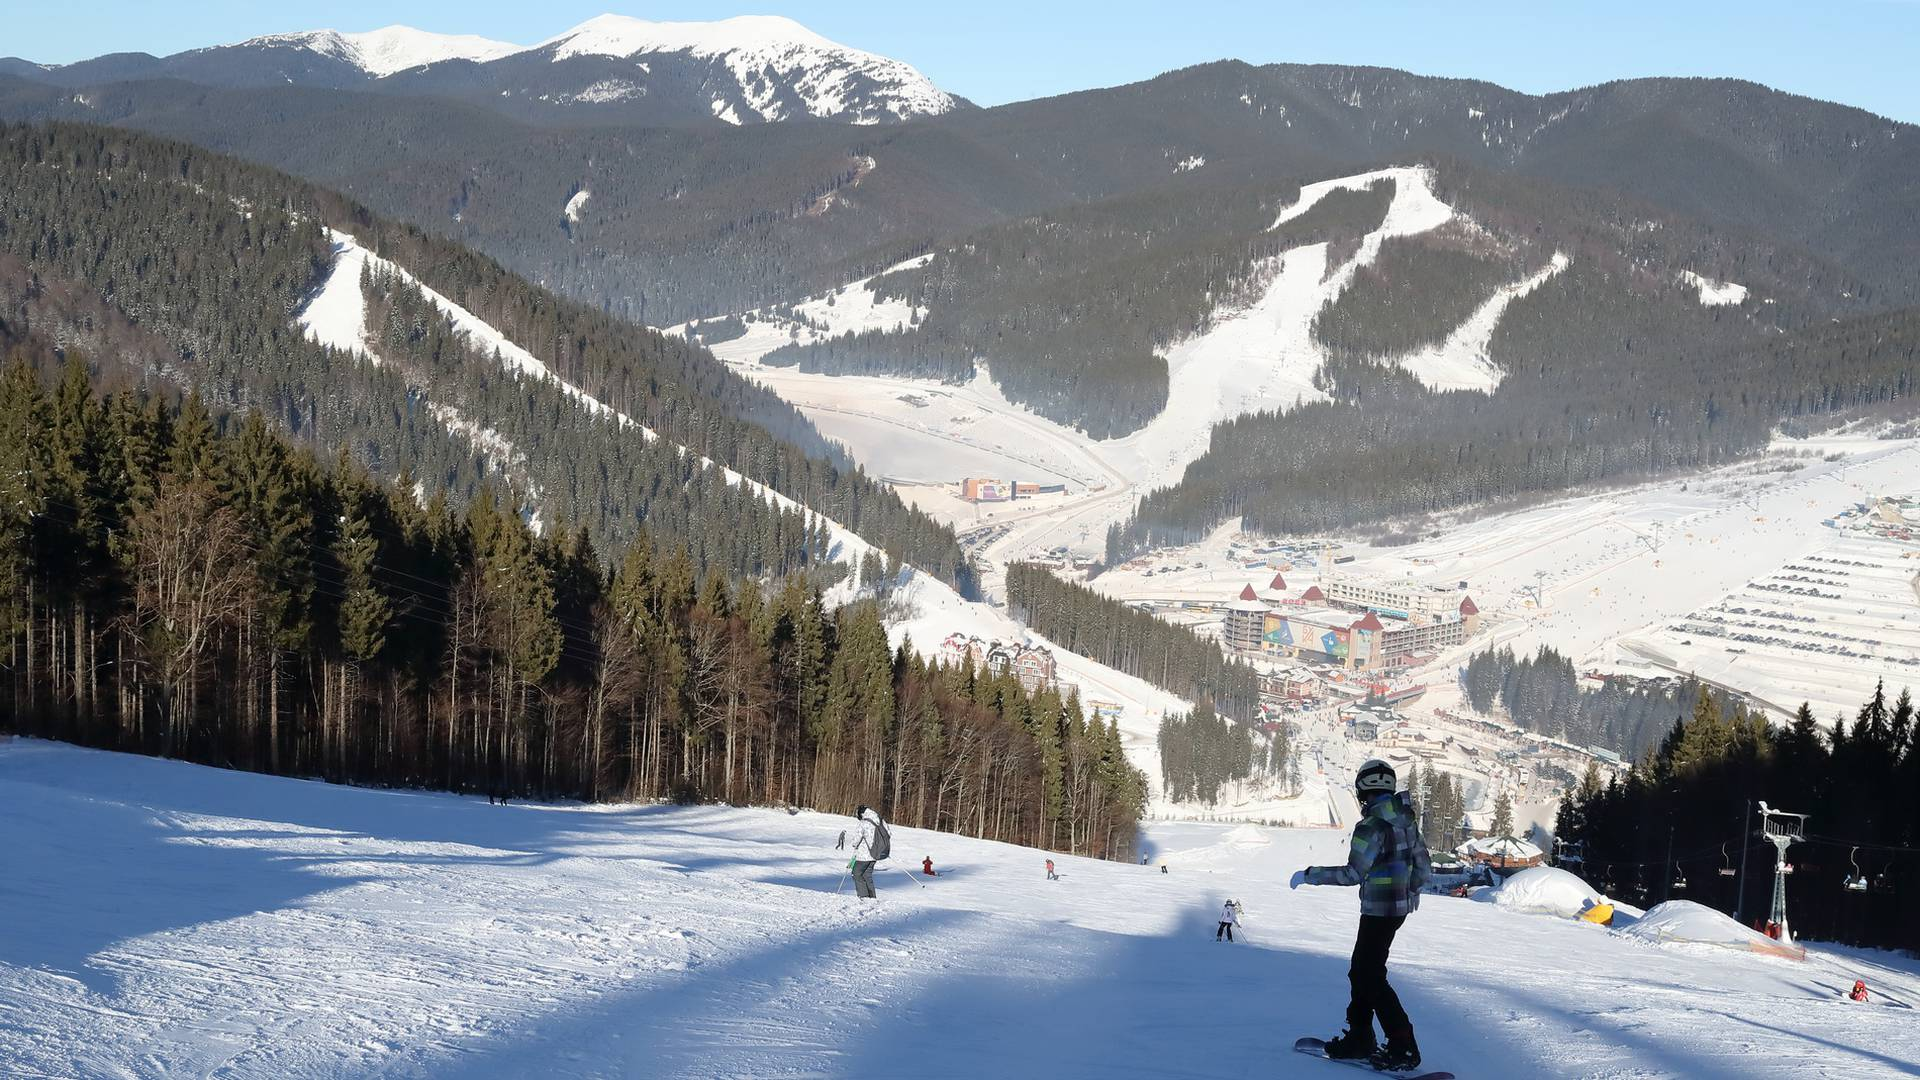 """bukovel ski resort - Kuku nói về Bukovel: """"Mặc đủ mọi loại áo nhưng vẫn rét run cầm cập ông à"""""""